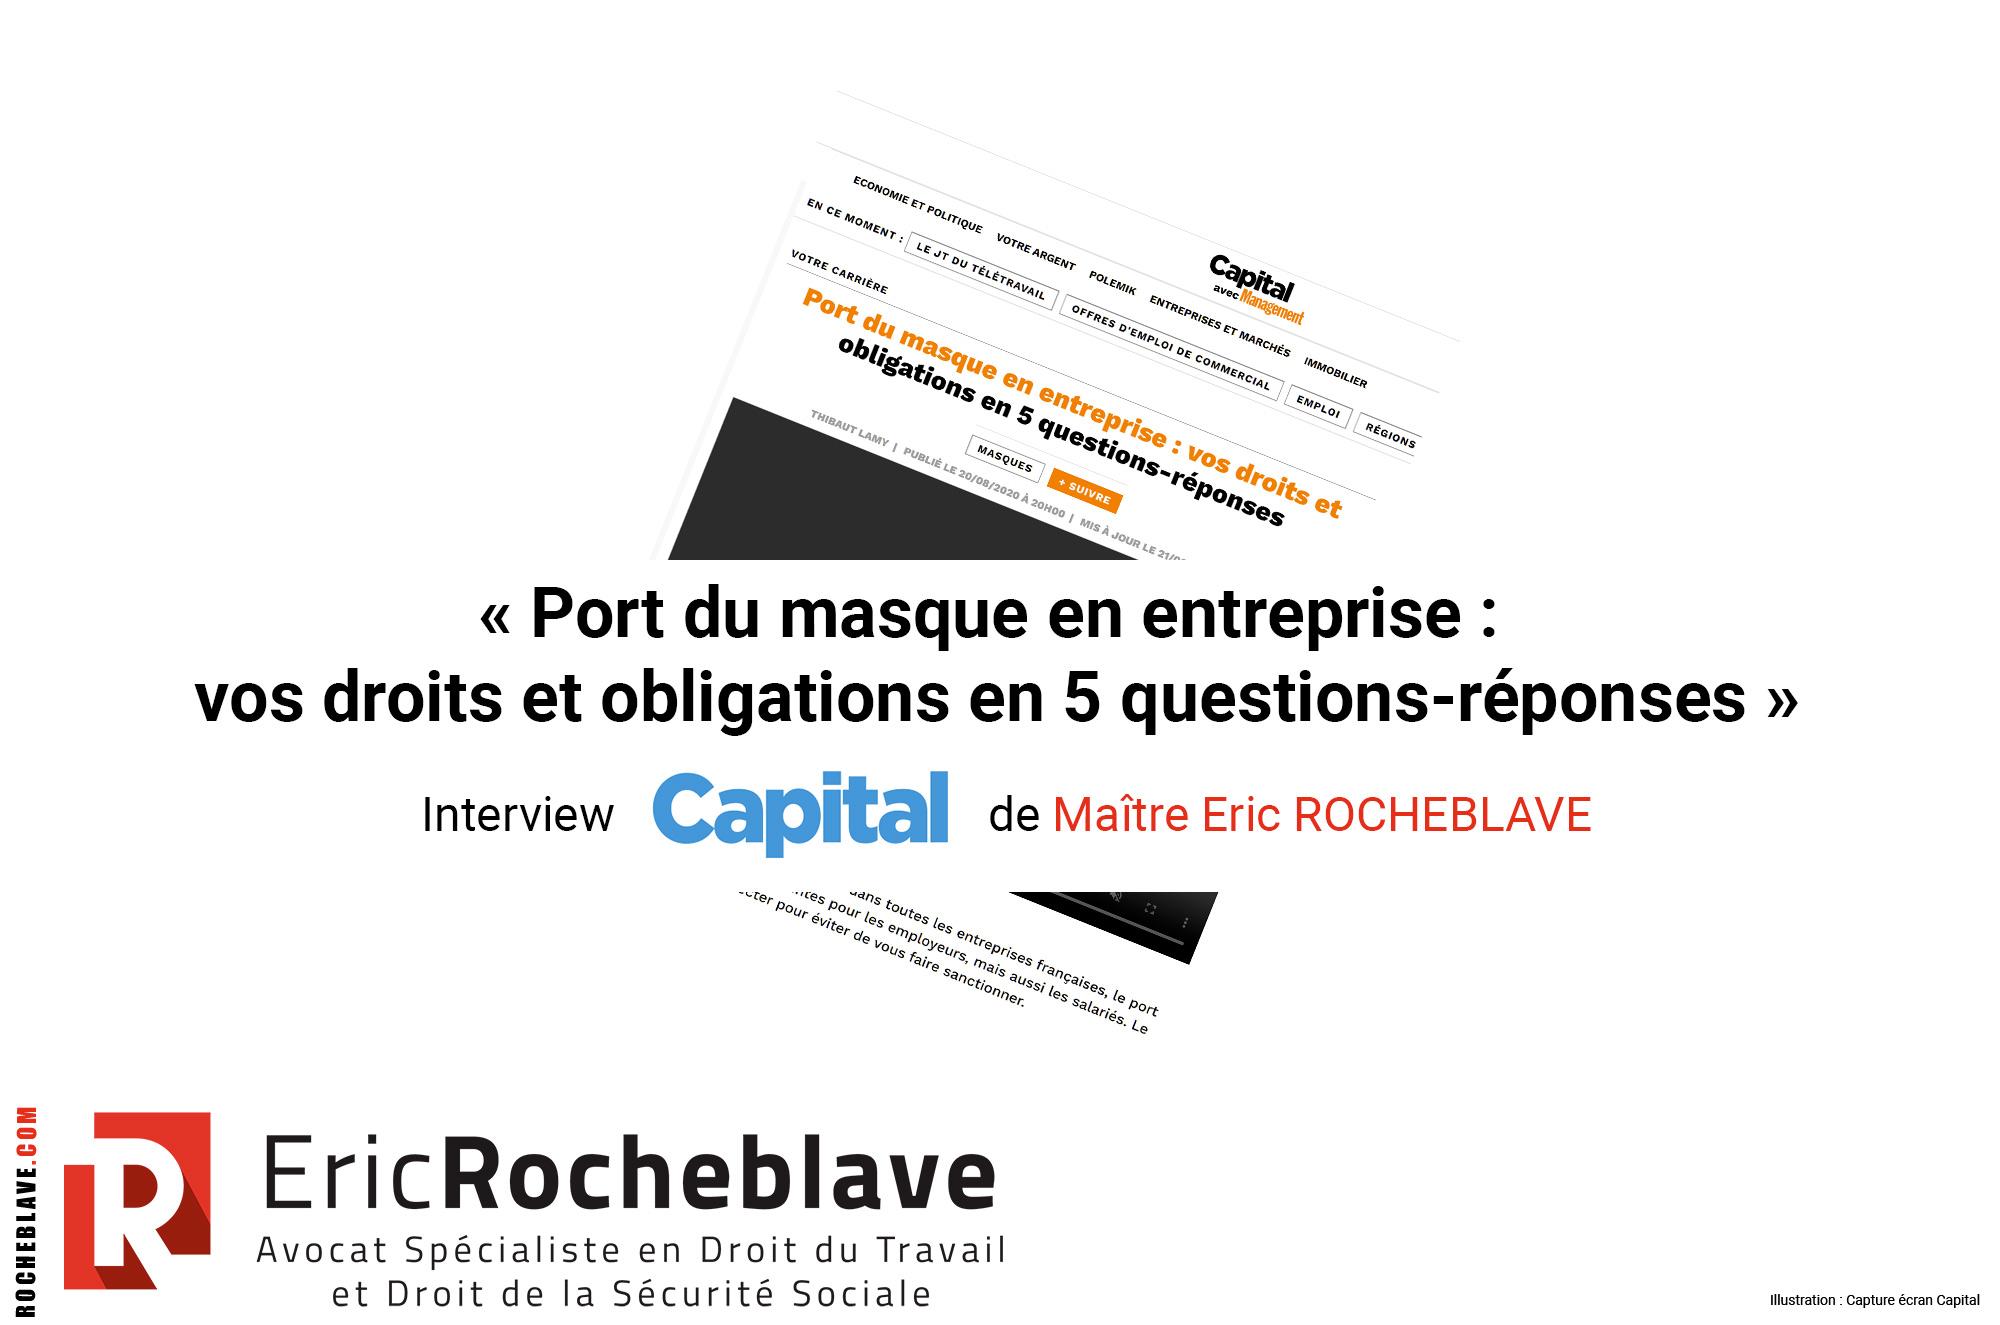 « Port du masque en entreprise : vos droits et obligations en 5 questions-réponses » Interview Capital de Maître Eric ROCHEBLAVE